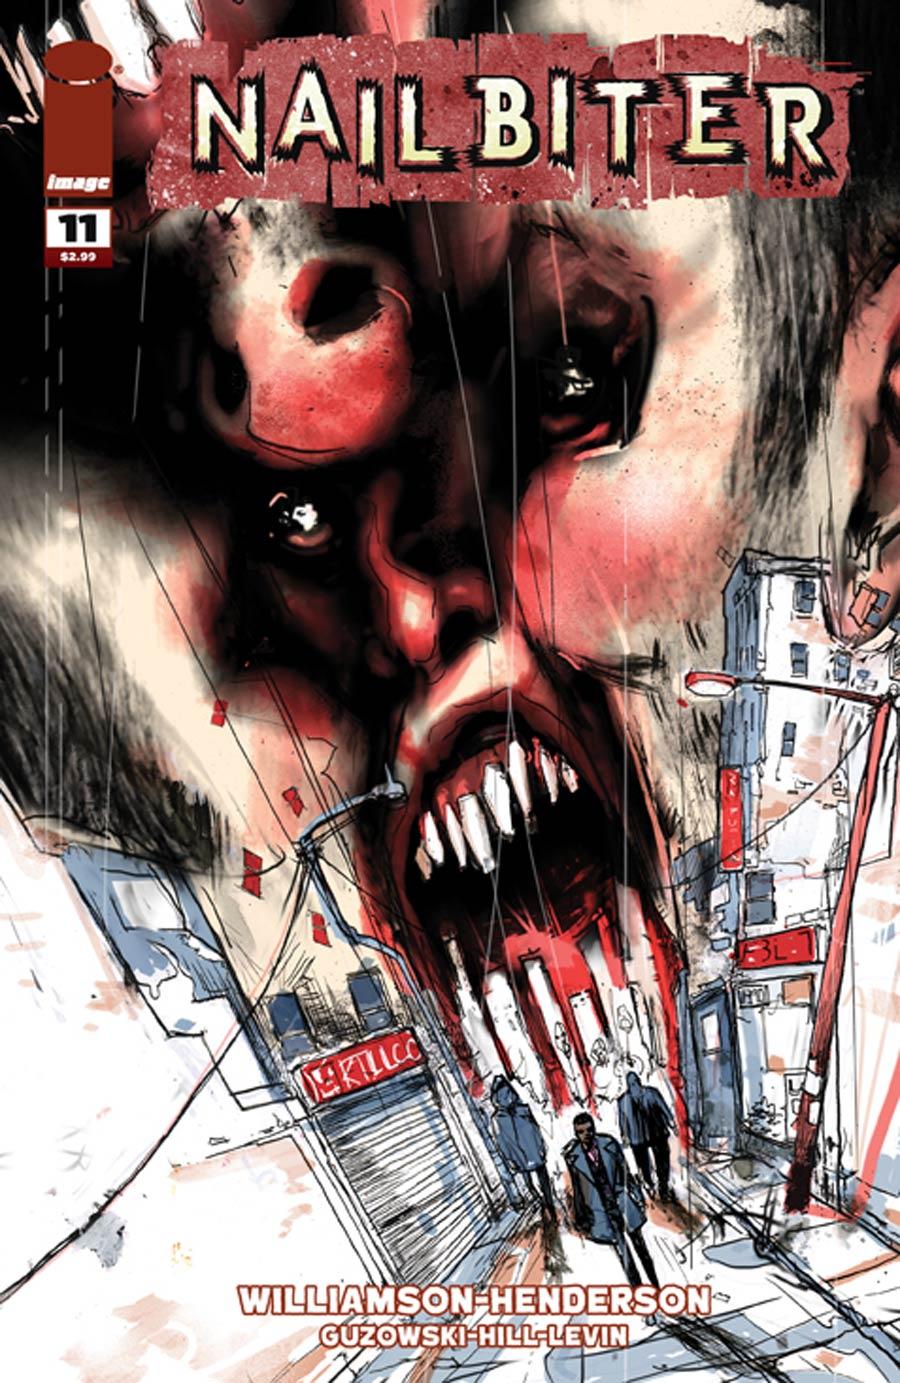 Nailbiter #11 Cover C Riley Rossmo